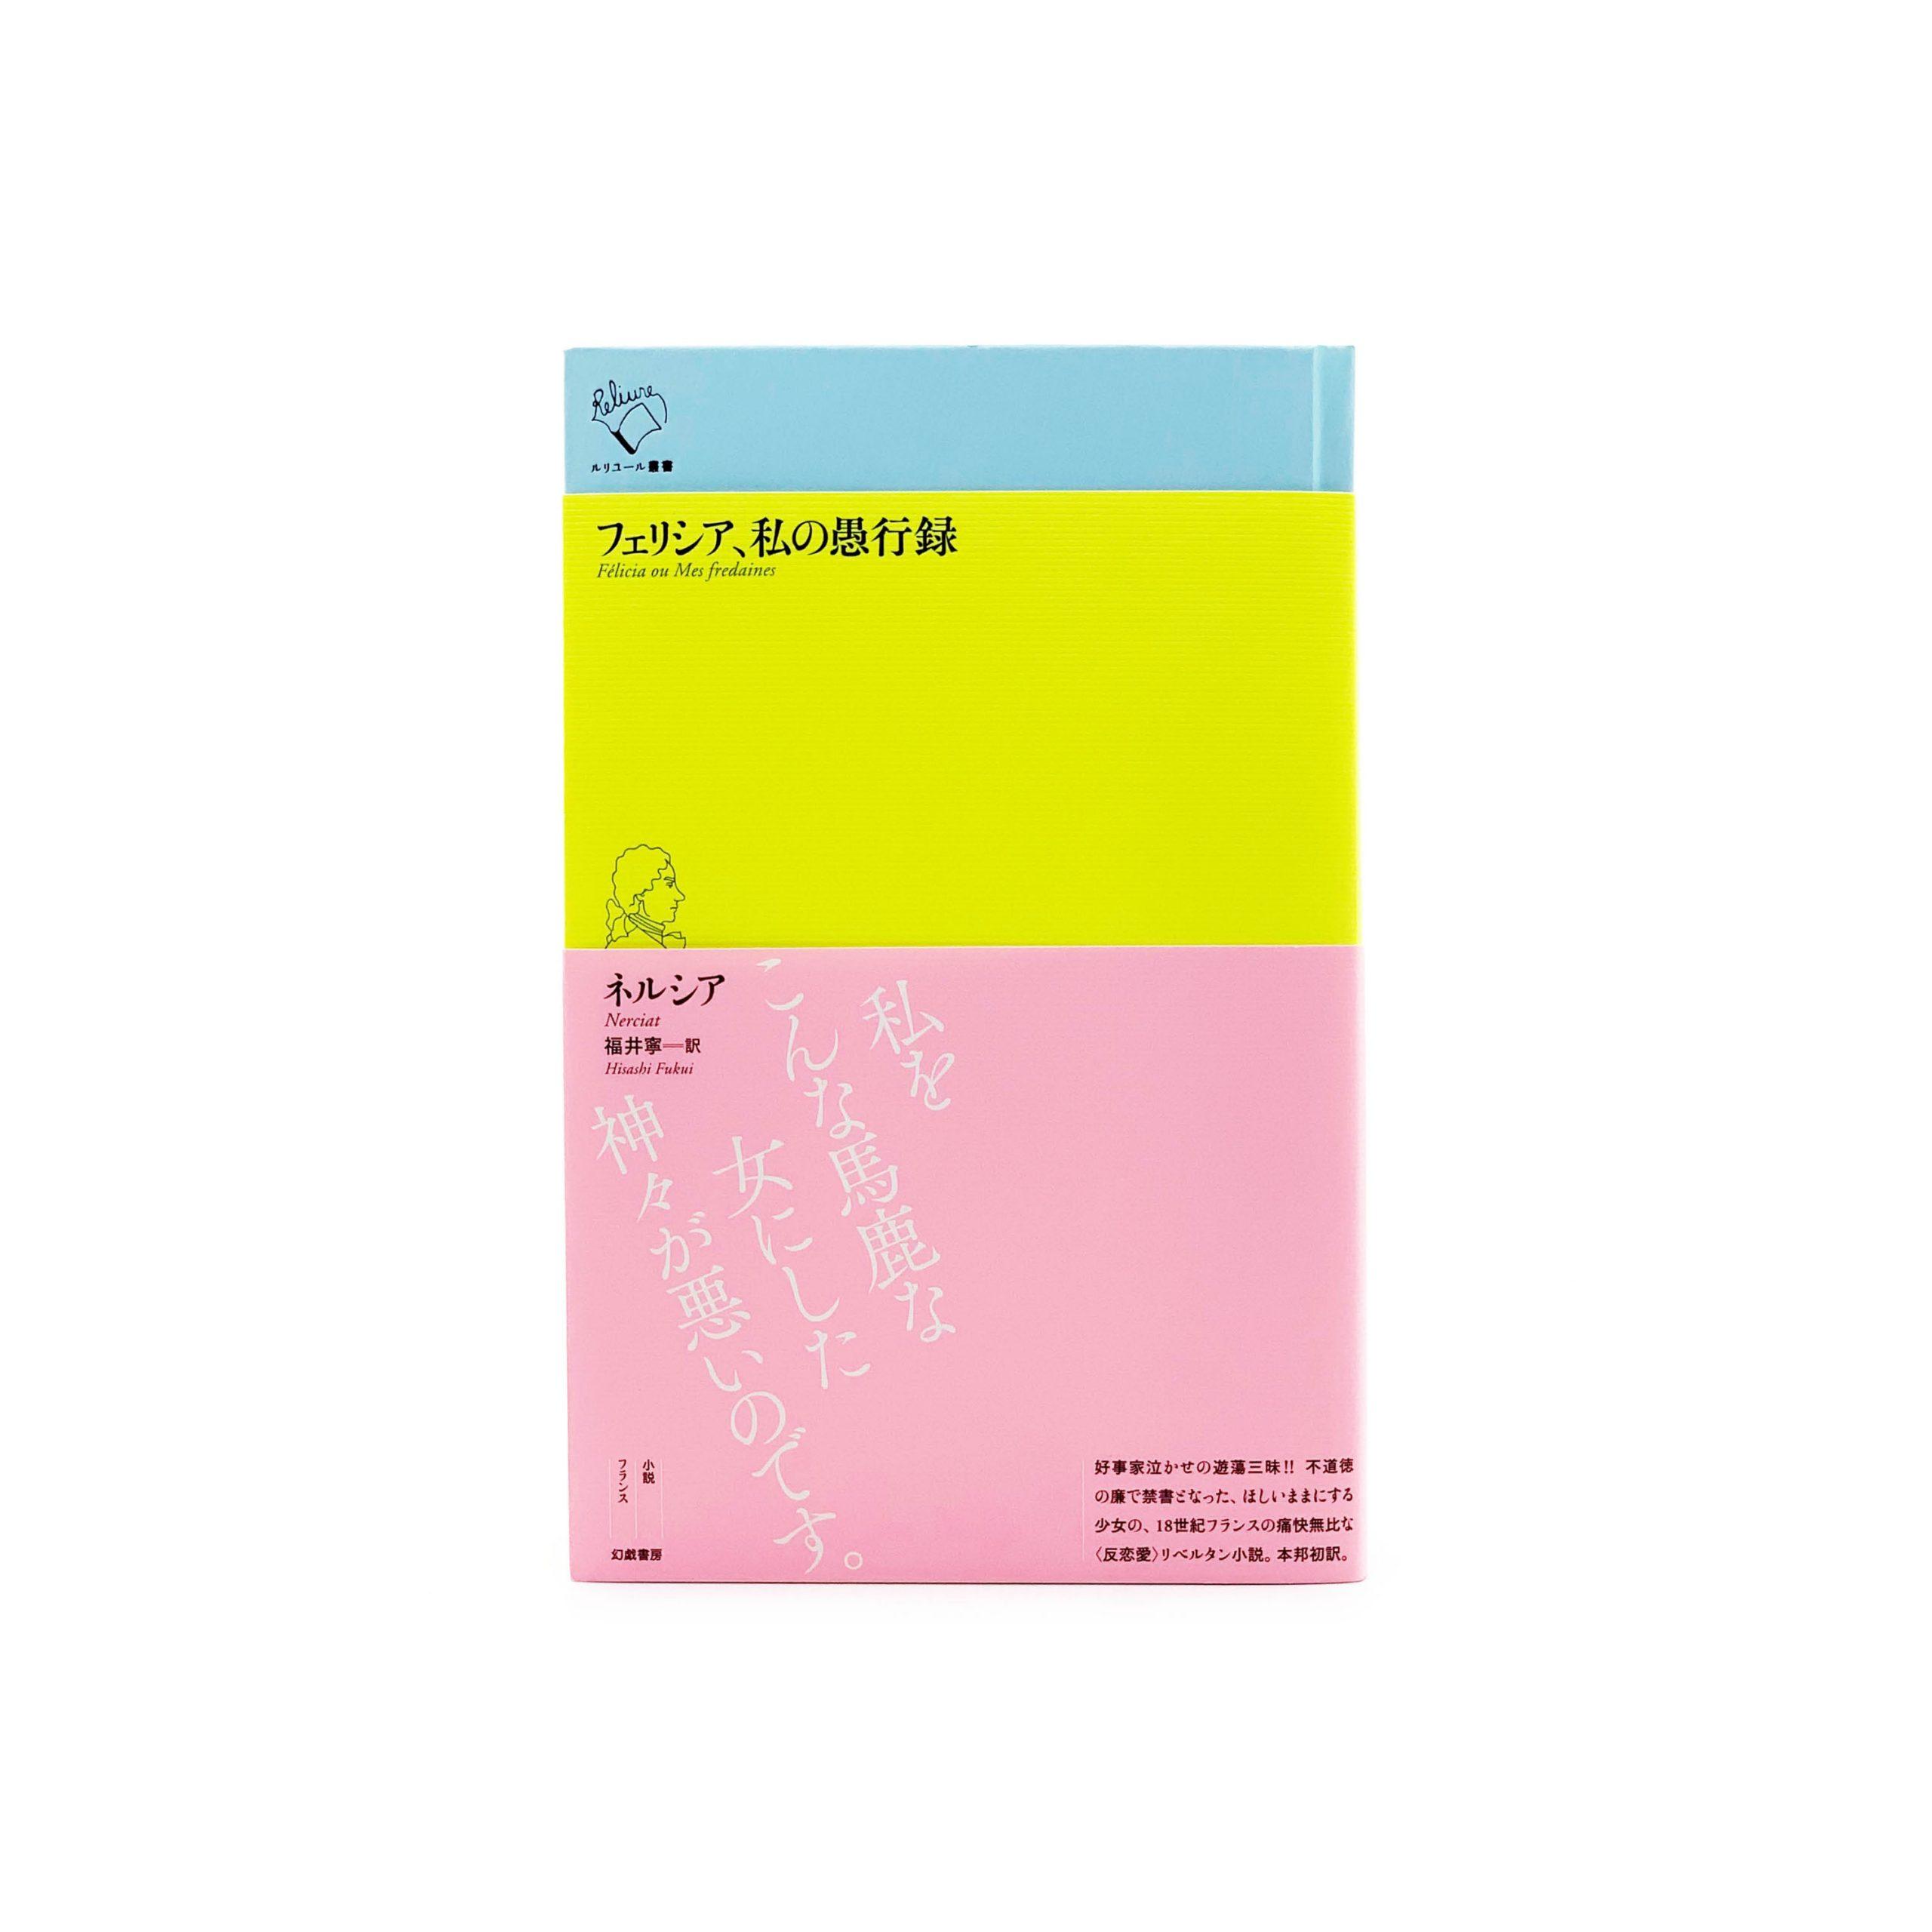 ルリユール叢書 颱風 | Gibbon